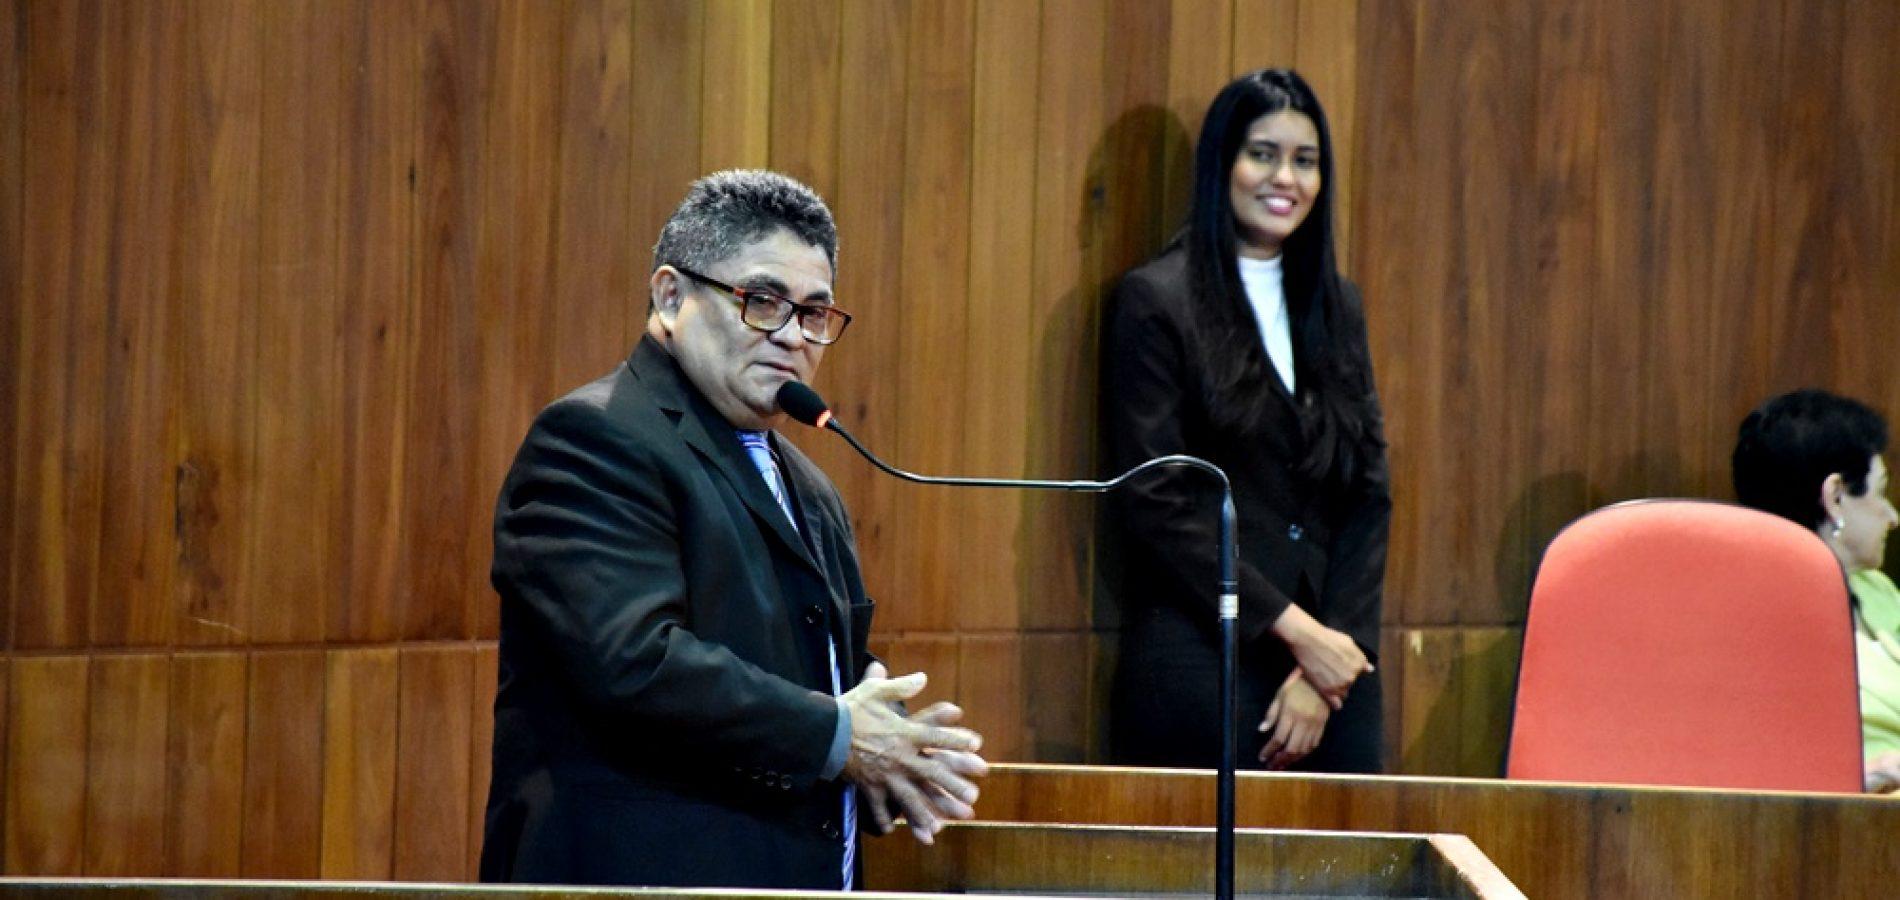 Cícero Magalhães repercute caso de mensagens entre juiz Sérgio Moro e procurador